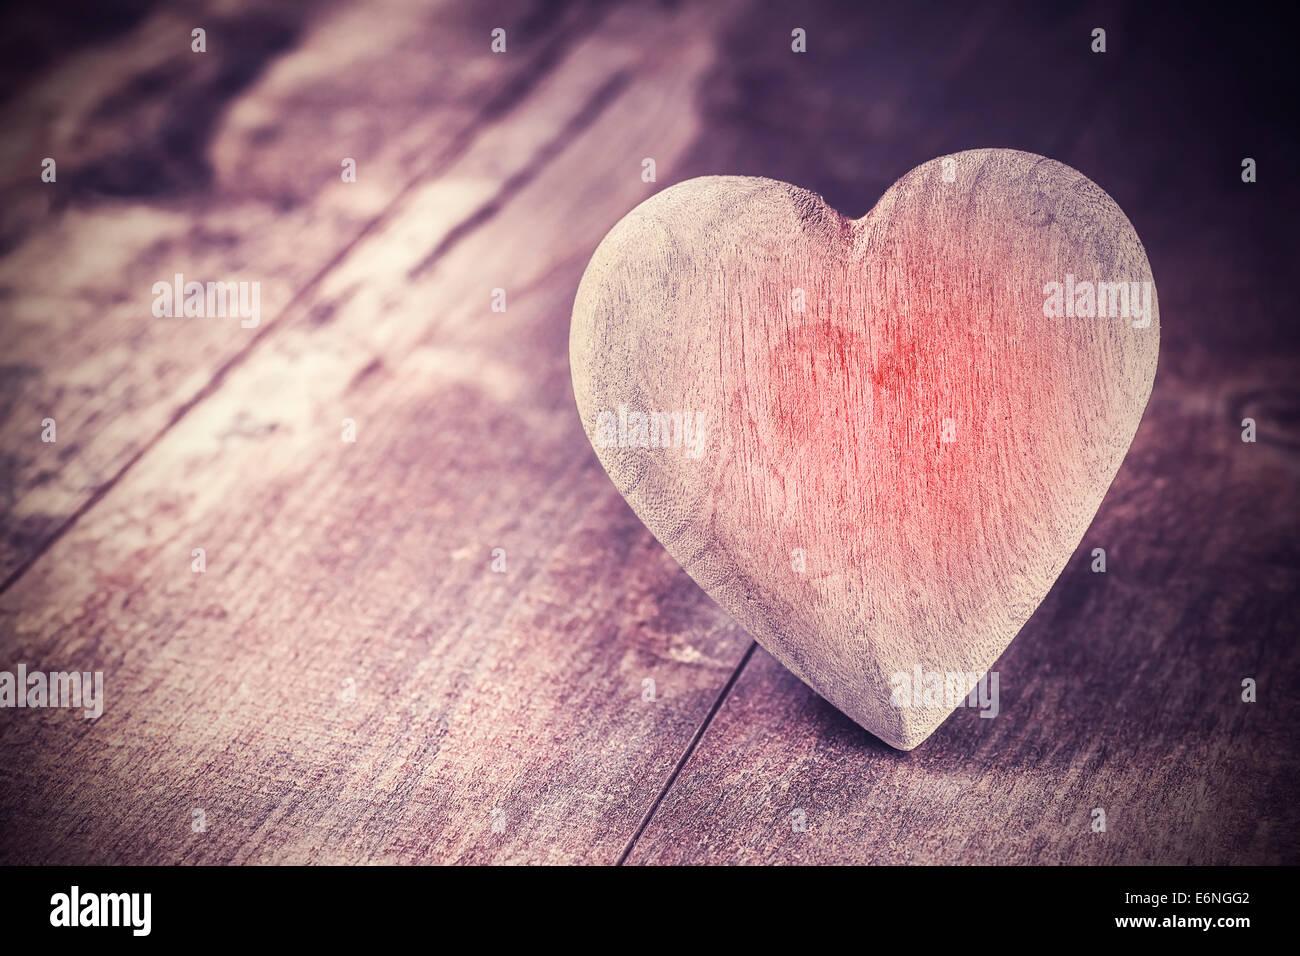 Vintage-Stil Herz auf rustikalen hölzernen Hintergrund, Text-Raum. Stockbild